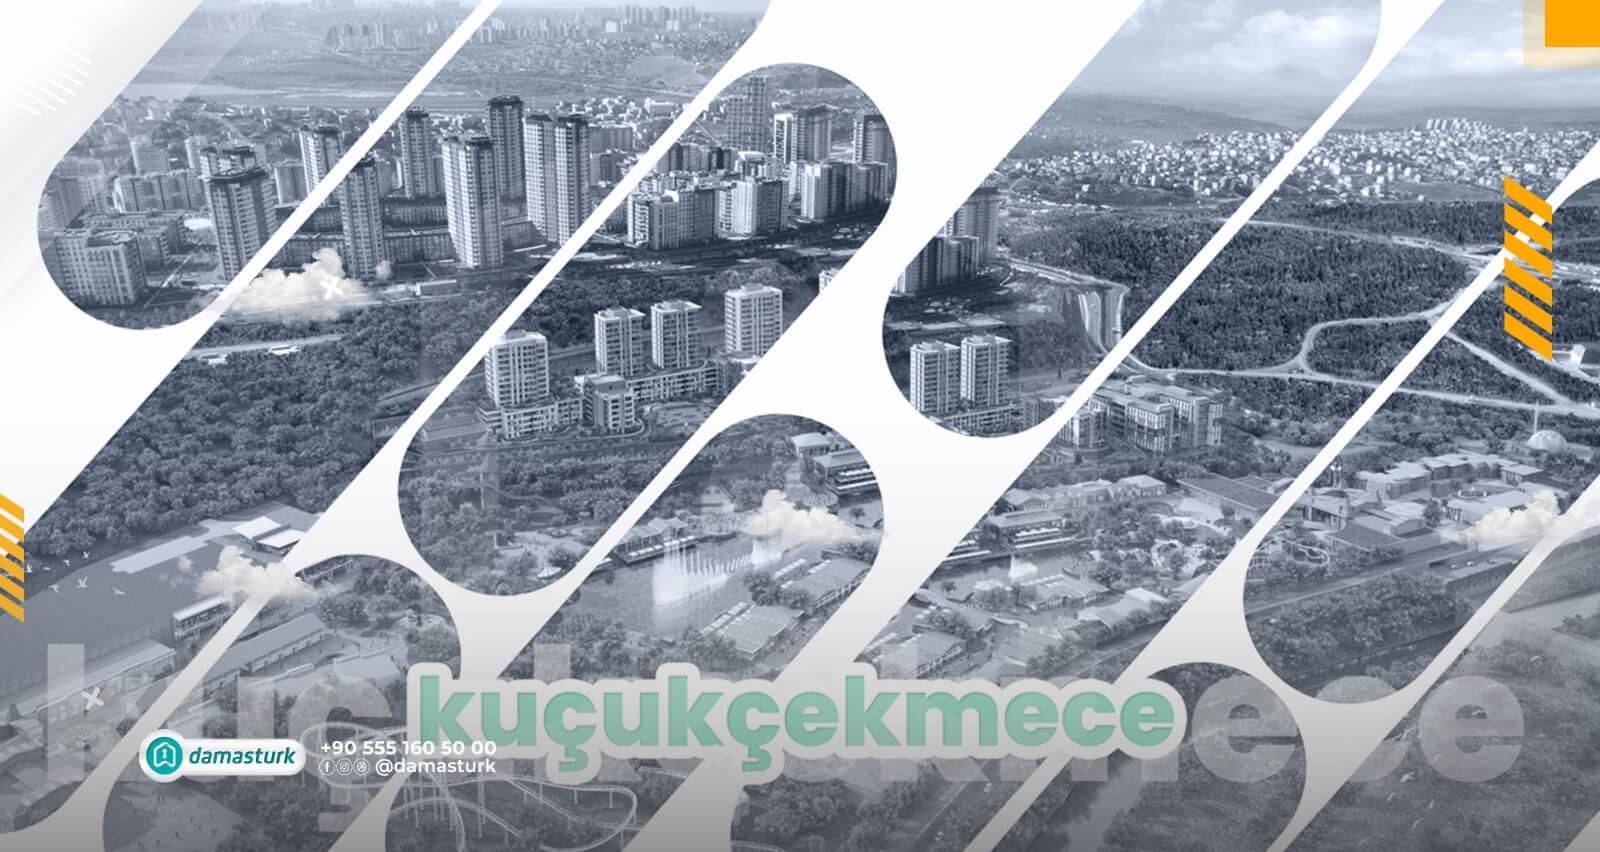 منطقة كوتشوك شكمجة الموقع والأهمية الاستراتيجية 2021